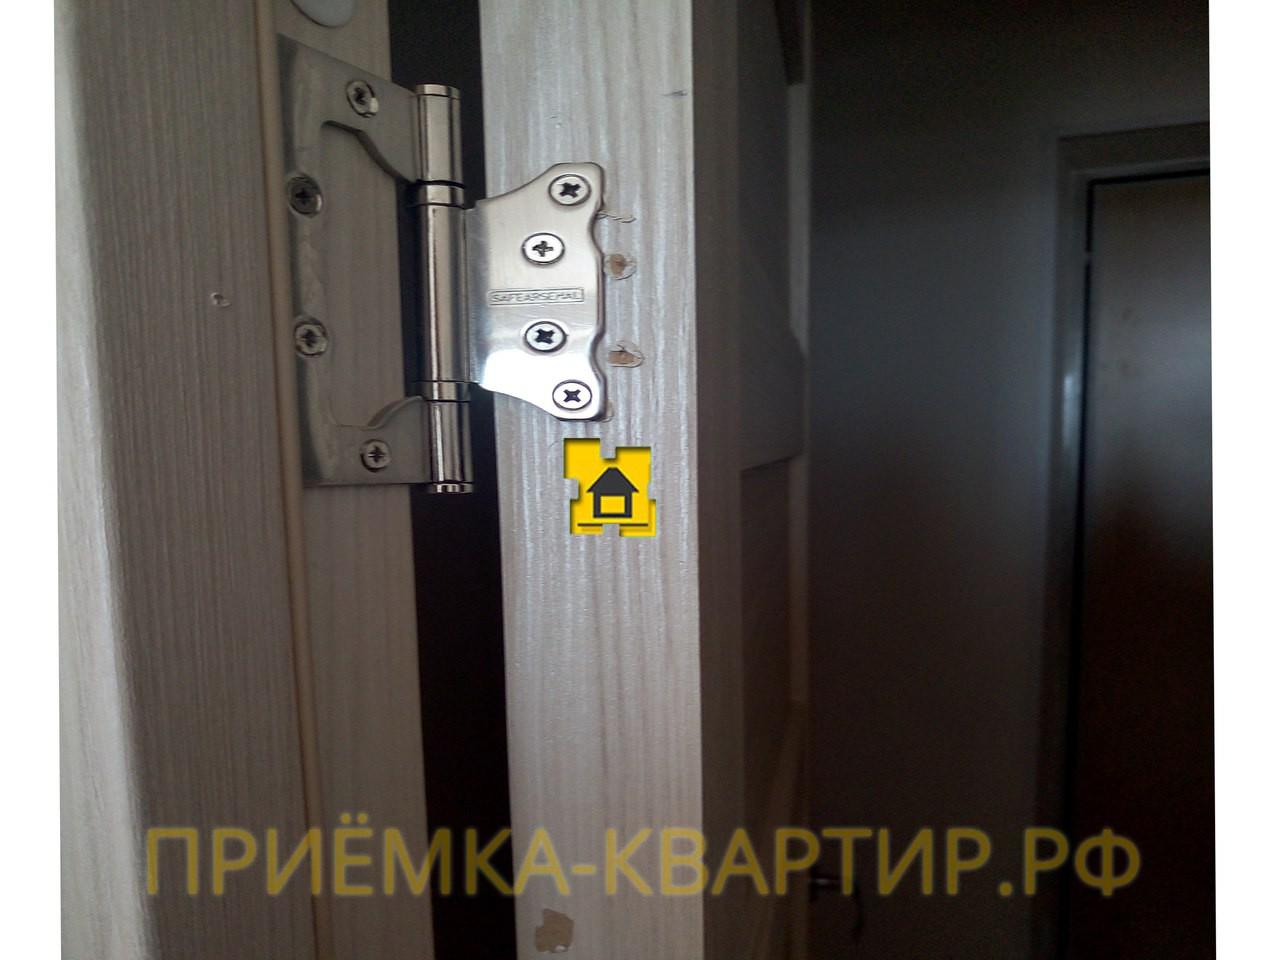 Приёмка квартиры в ЖК Новое Мурино: Неправильный монтаж дверных петель